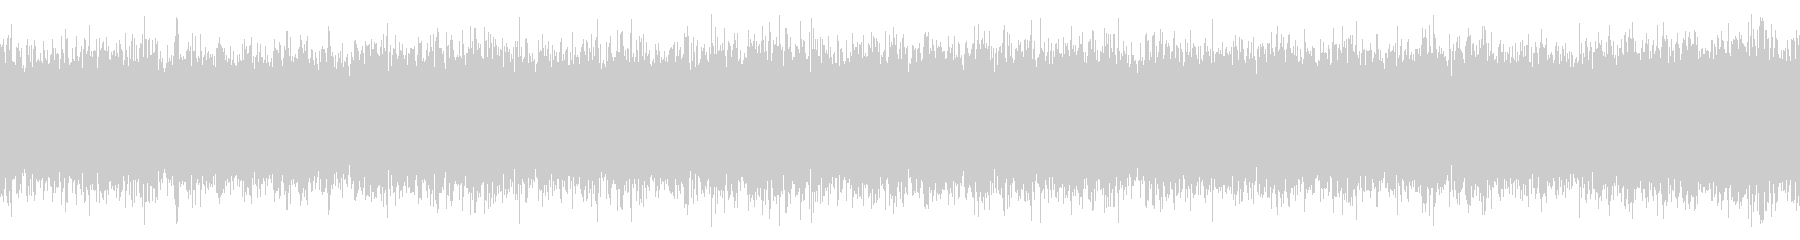 換気扇の音 ファンの回転音 ごー がーの未再生の波形